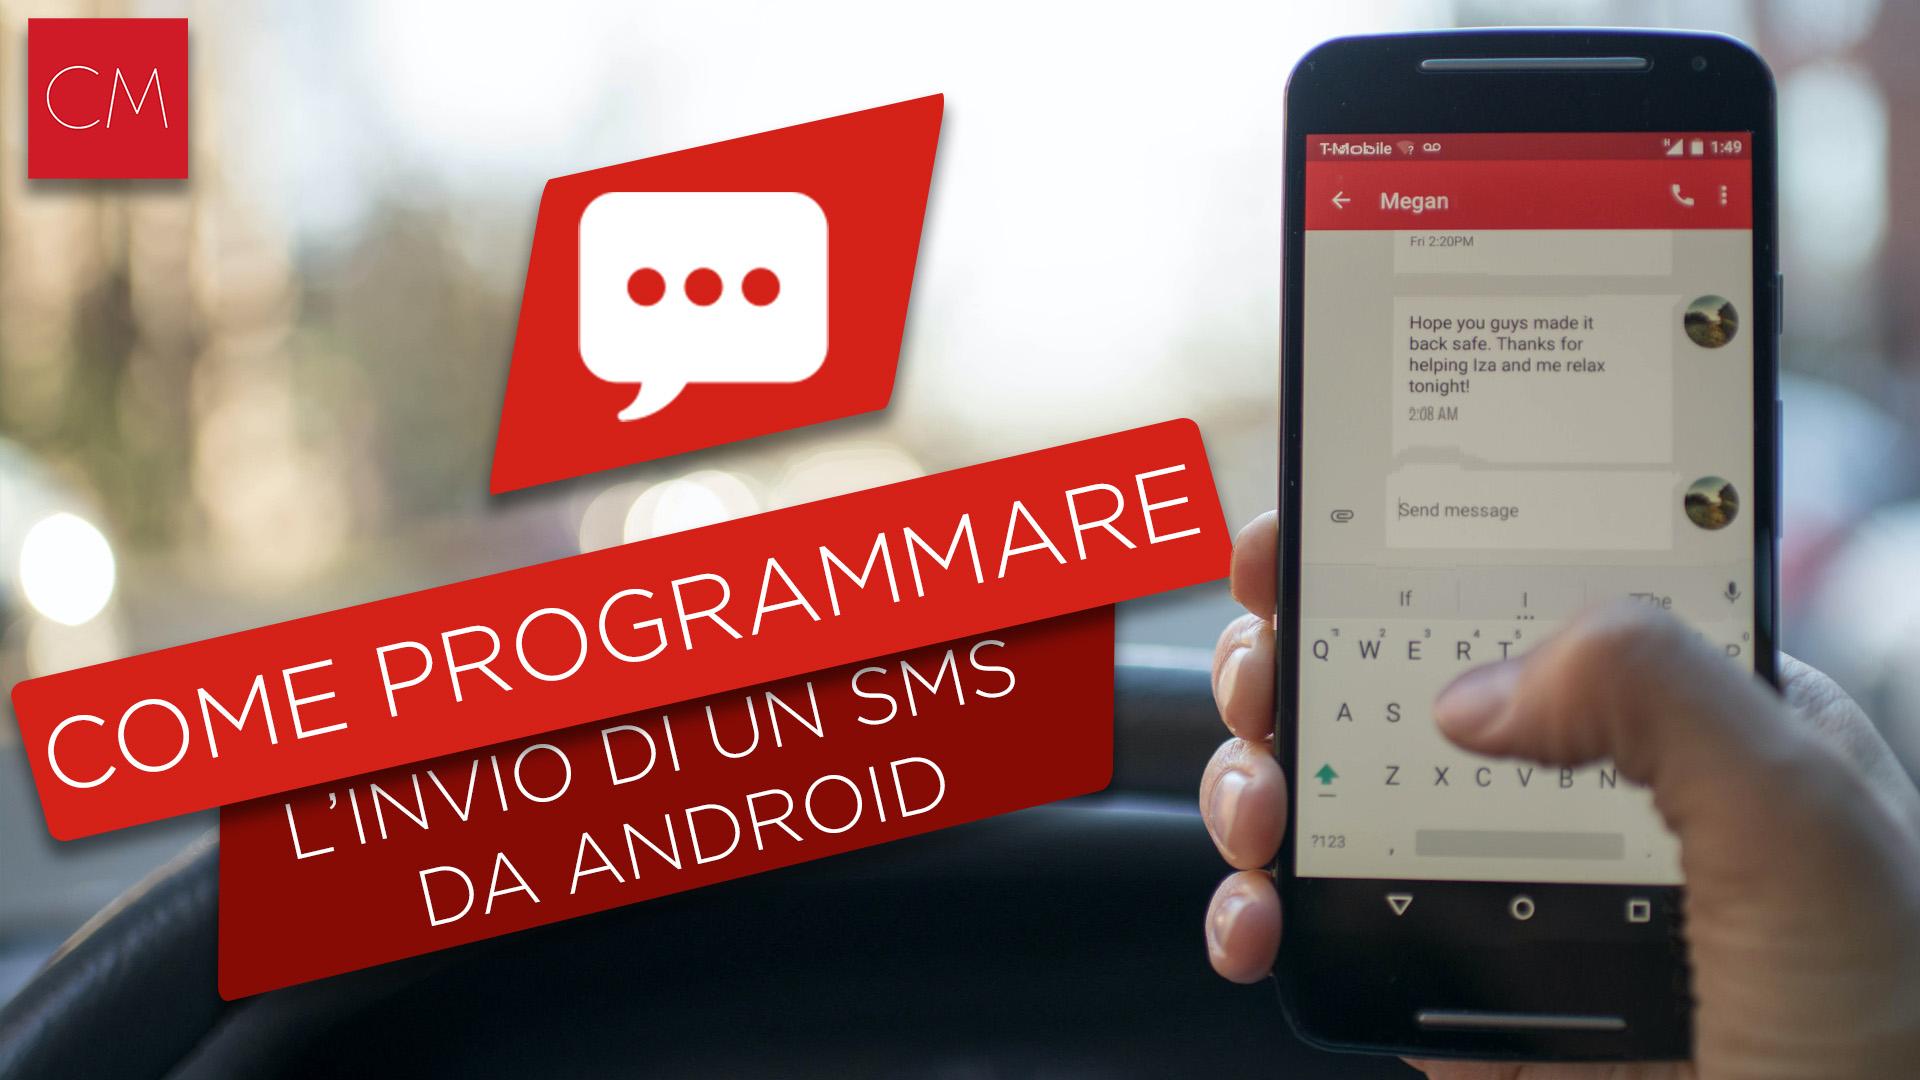 Come programmare l'invio di un SMS da Android